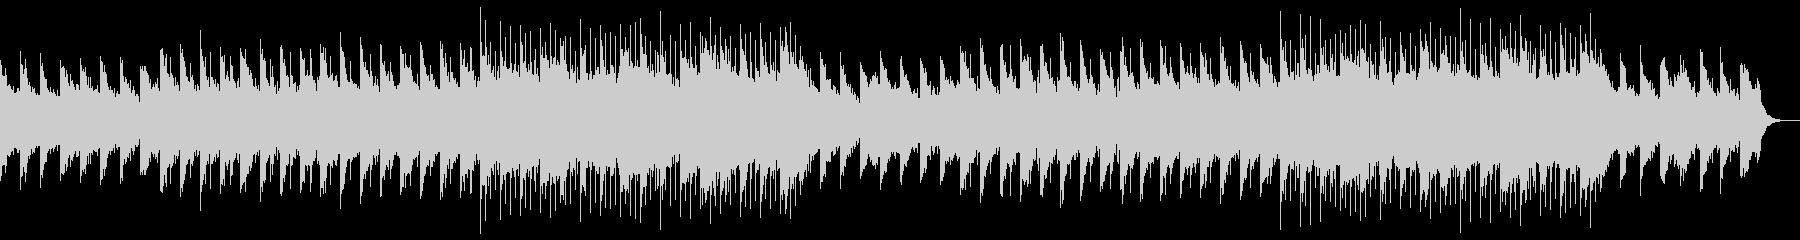 幻想的な映像、フェルトピアノとアコギ6の未再生の波形